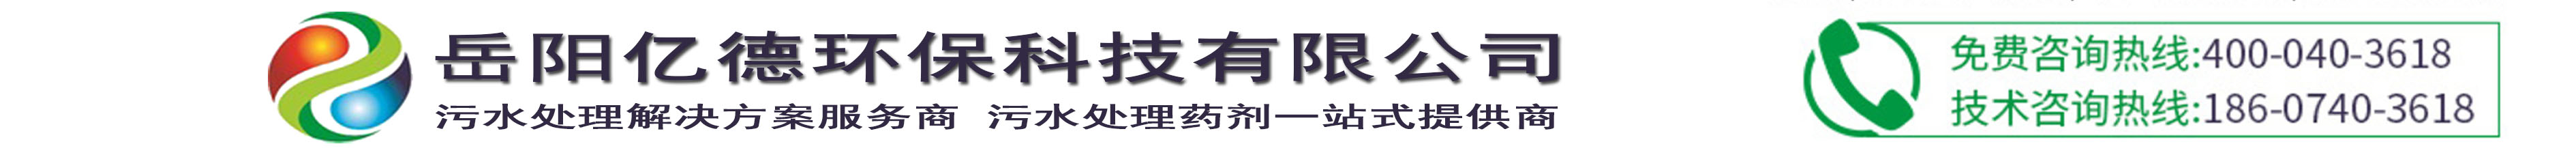 岳阳亿德环保科技有限公司